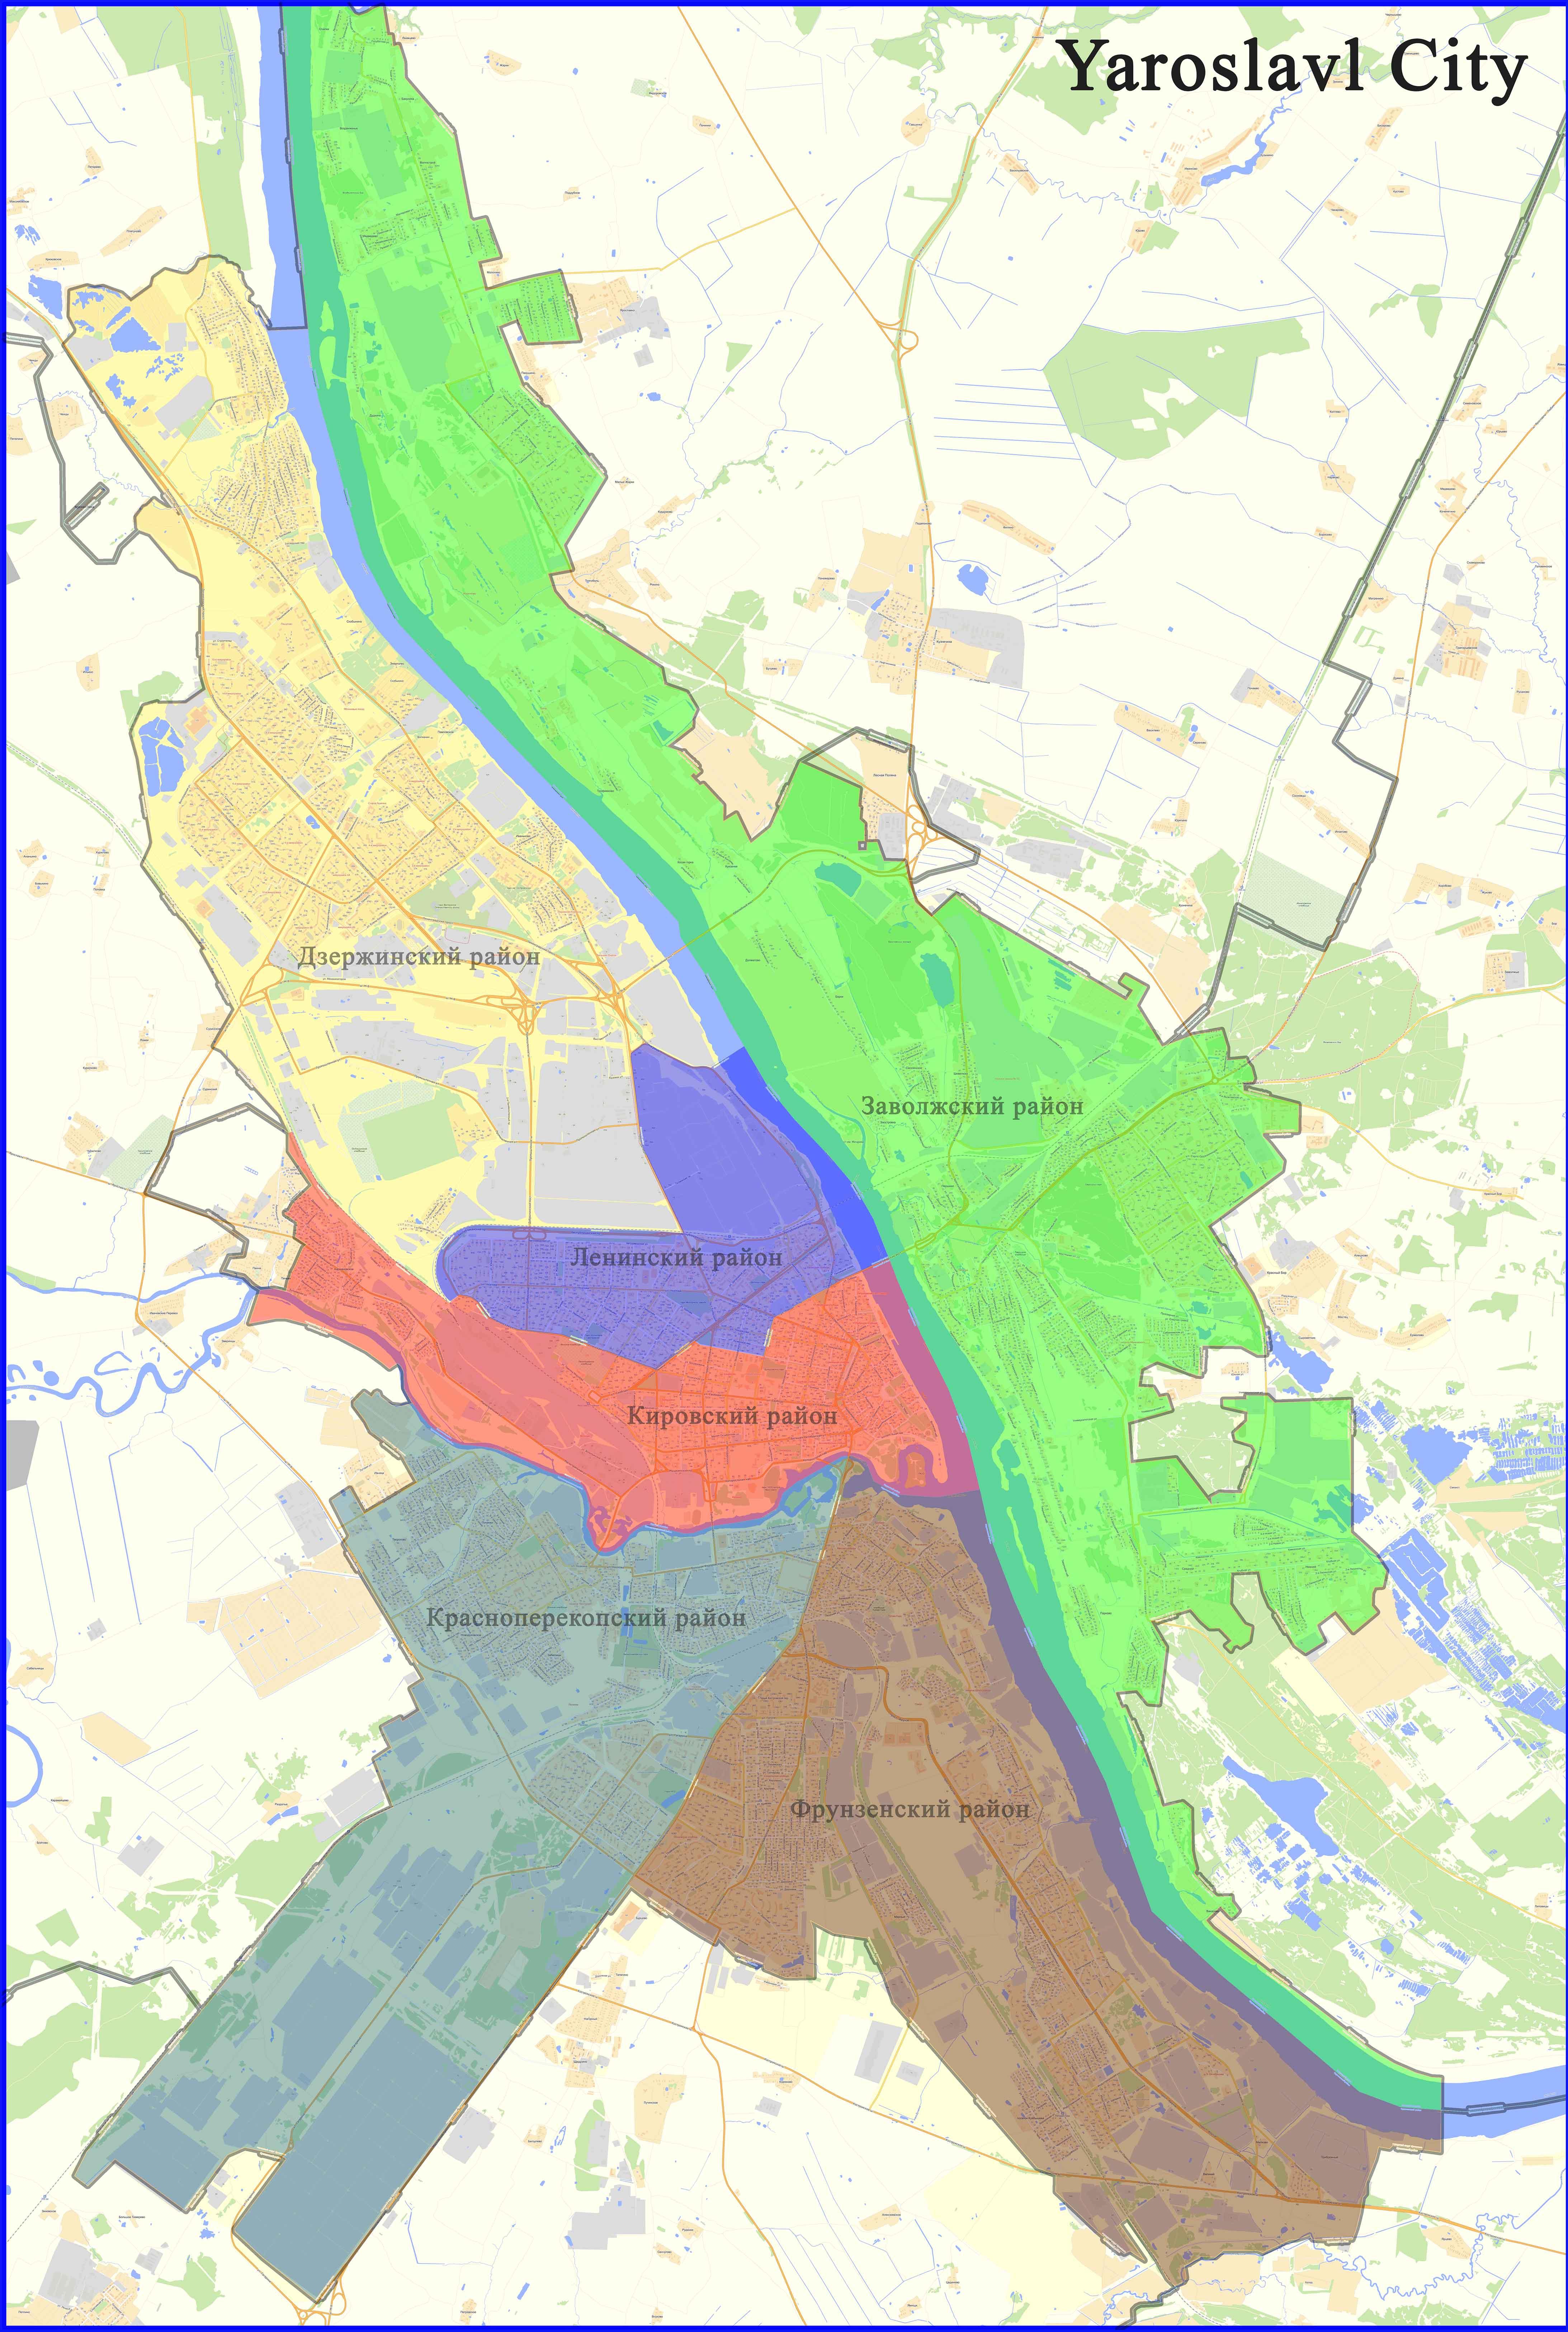 Административная карта Ярославля